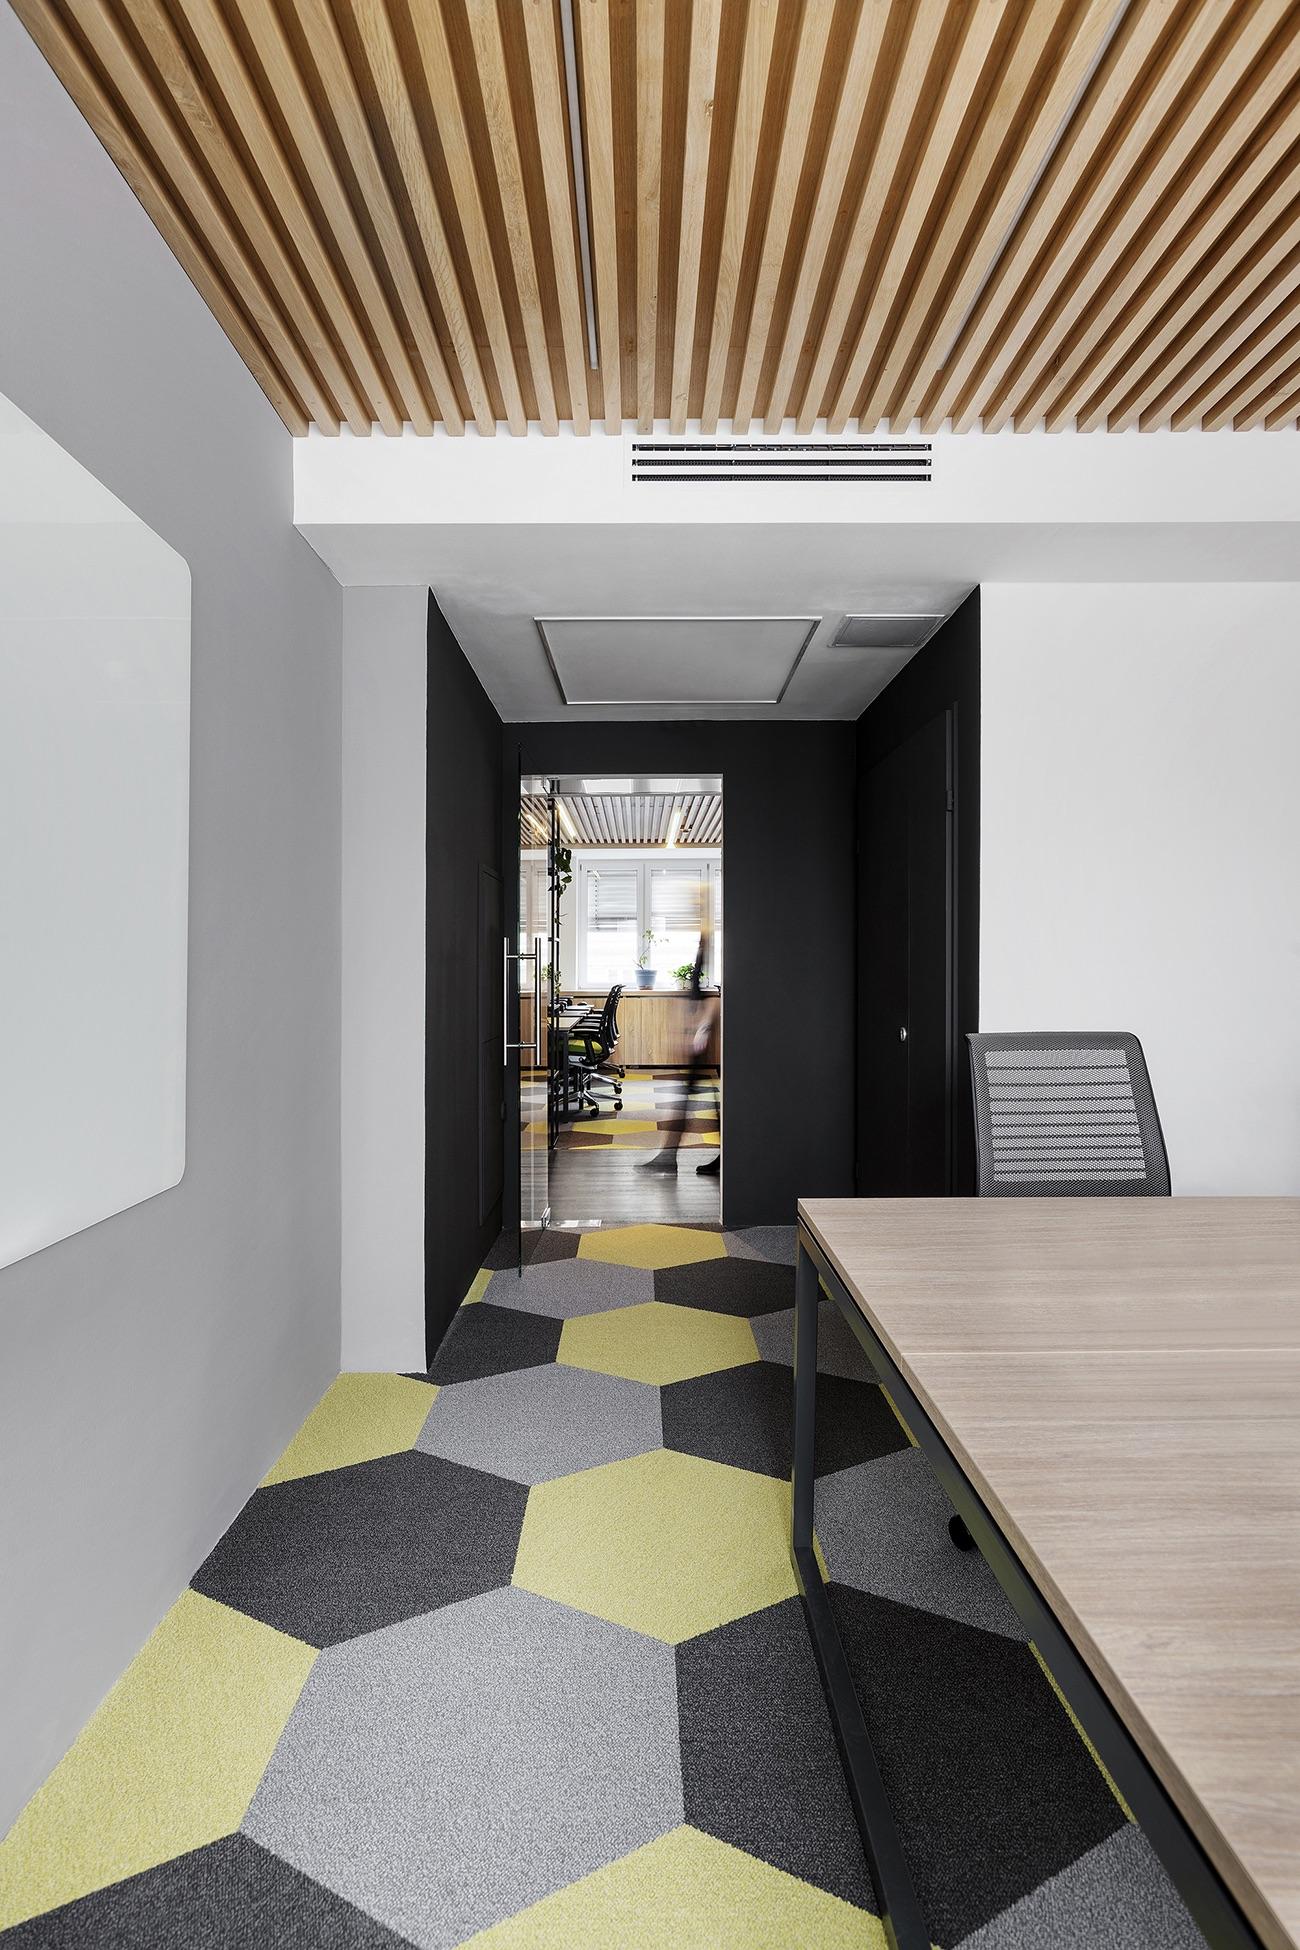 hortonworks-office-budapest-1